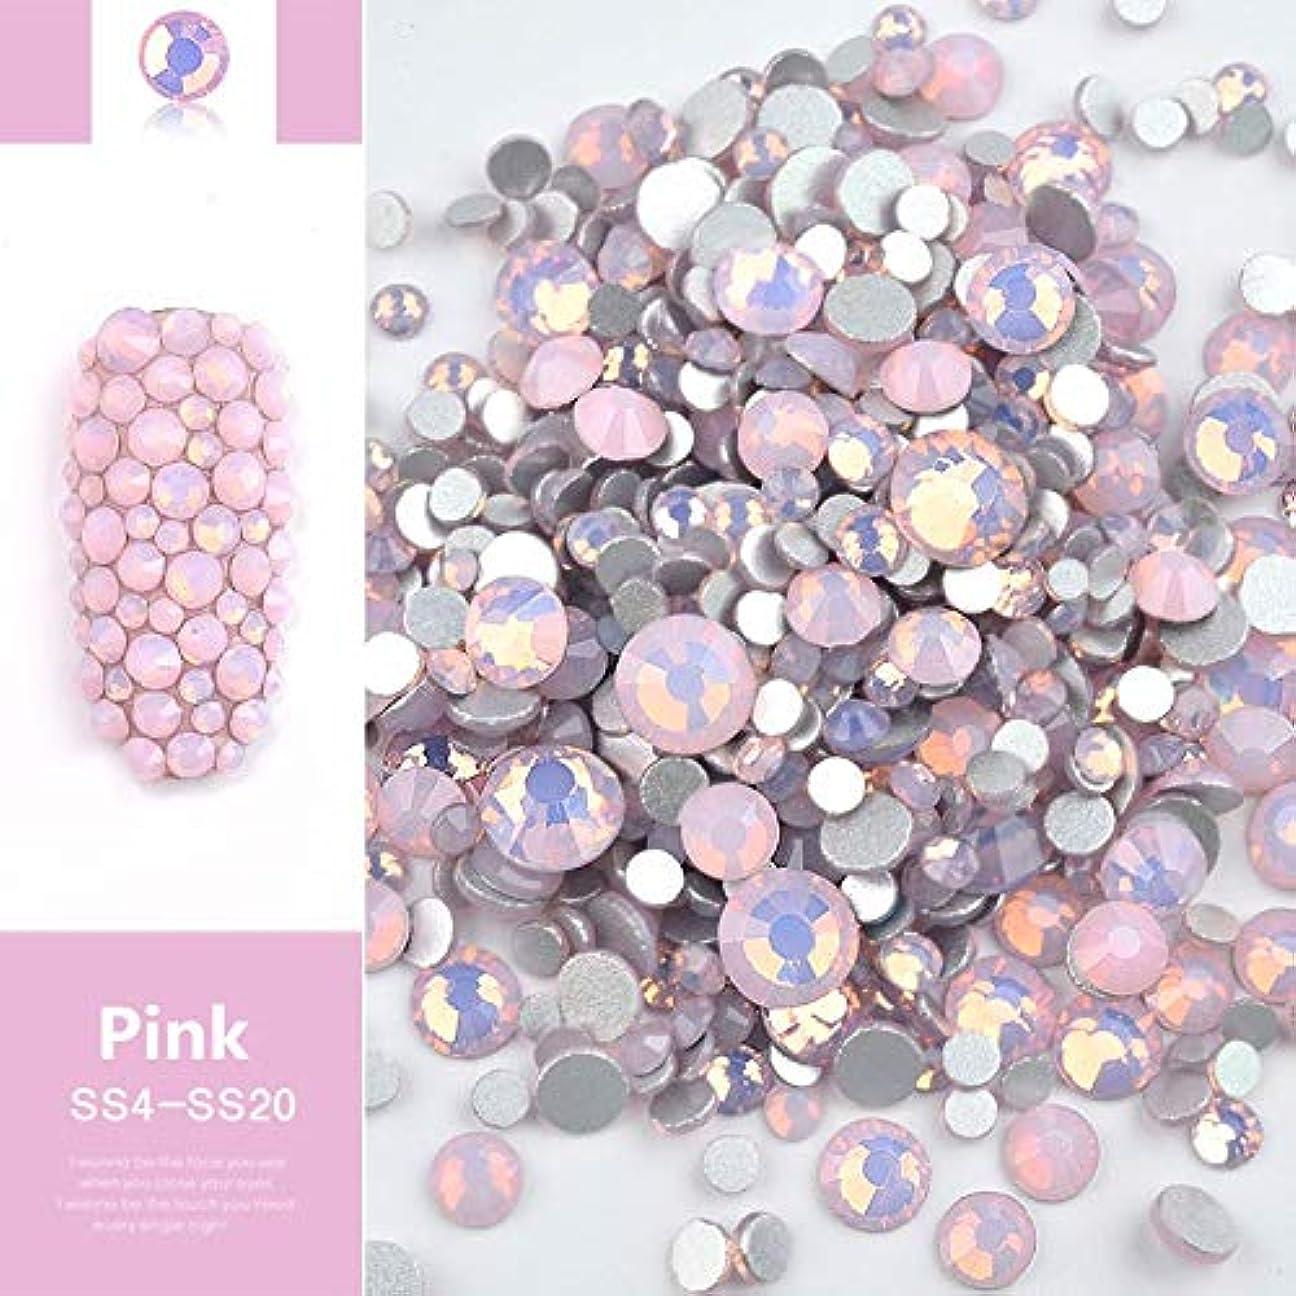 阻害するジェーンオースティン路地Kerwinner ビーズ樹脂クリスタルラウンドネイルアートミックスフラットバックアクリルラインストーンミックスサイズ1.5-4.5 mm装飾用ネイル (Color : Pink)